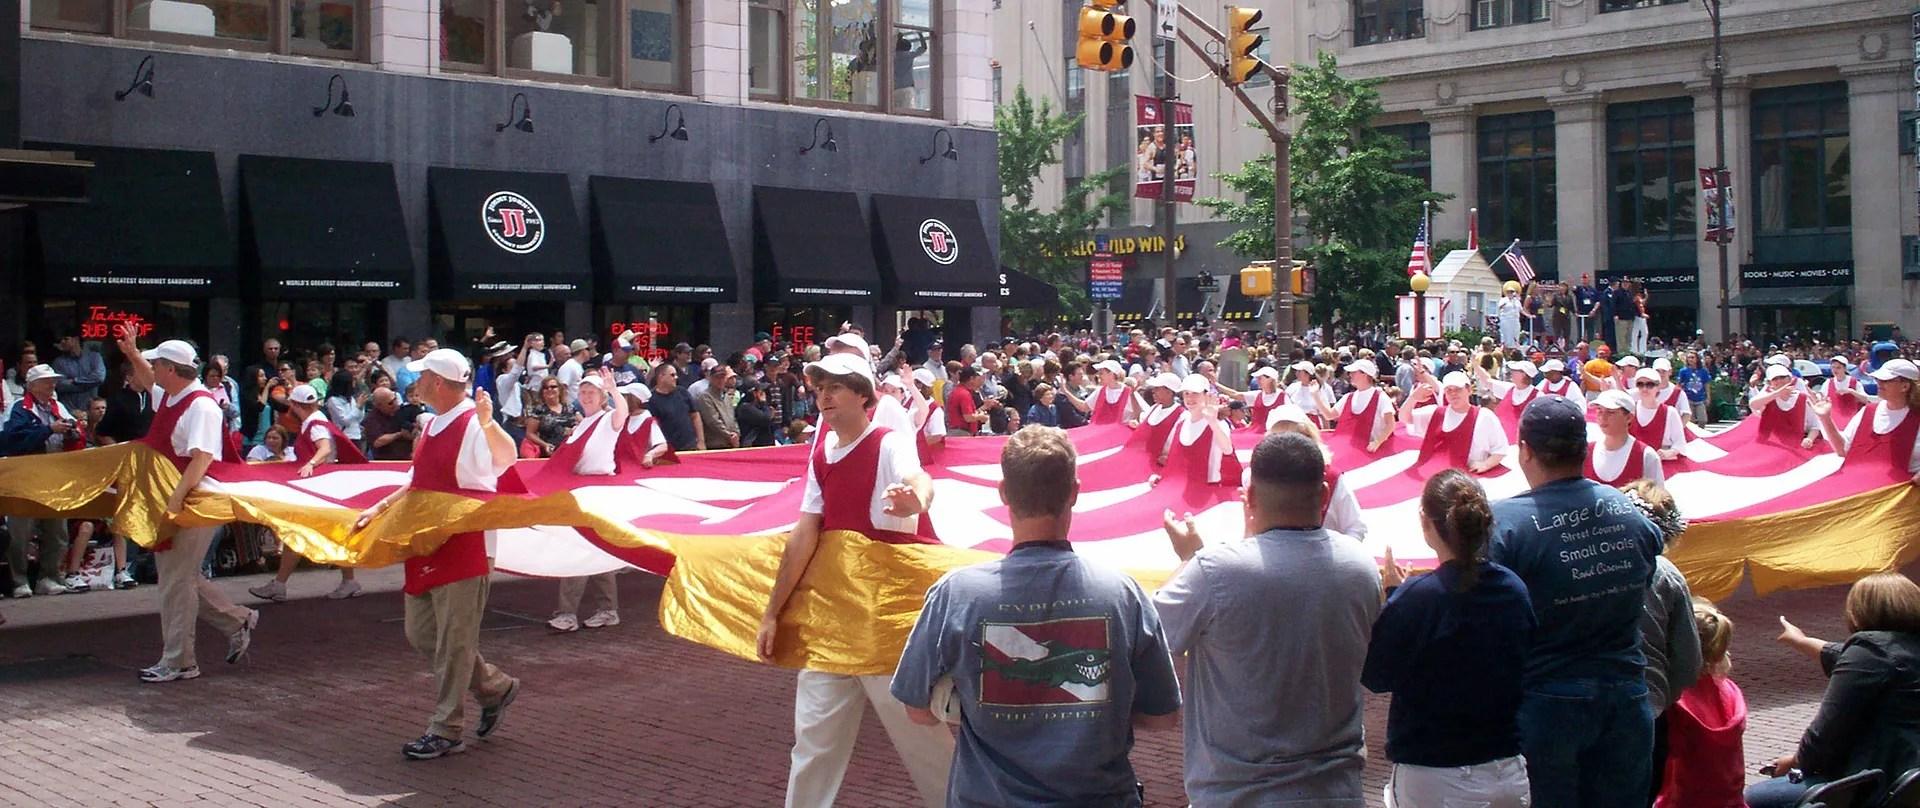 500 Festival Parade 2011